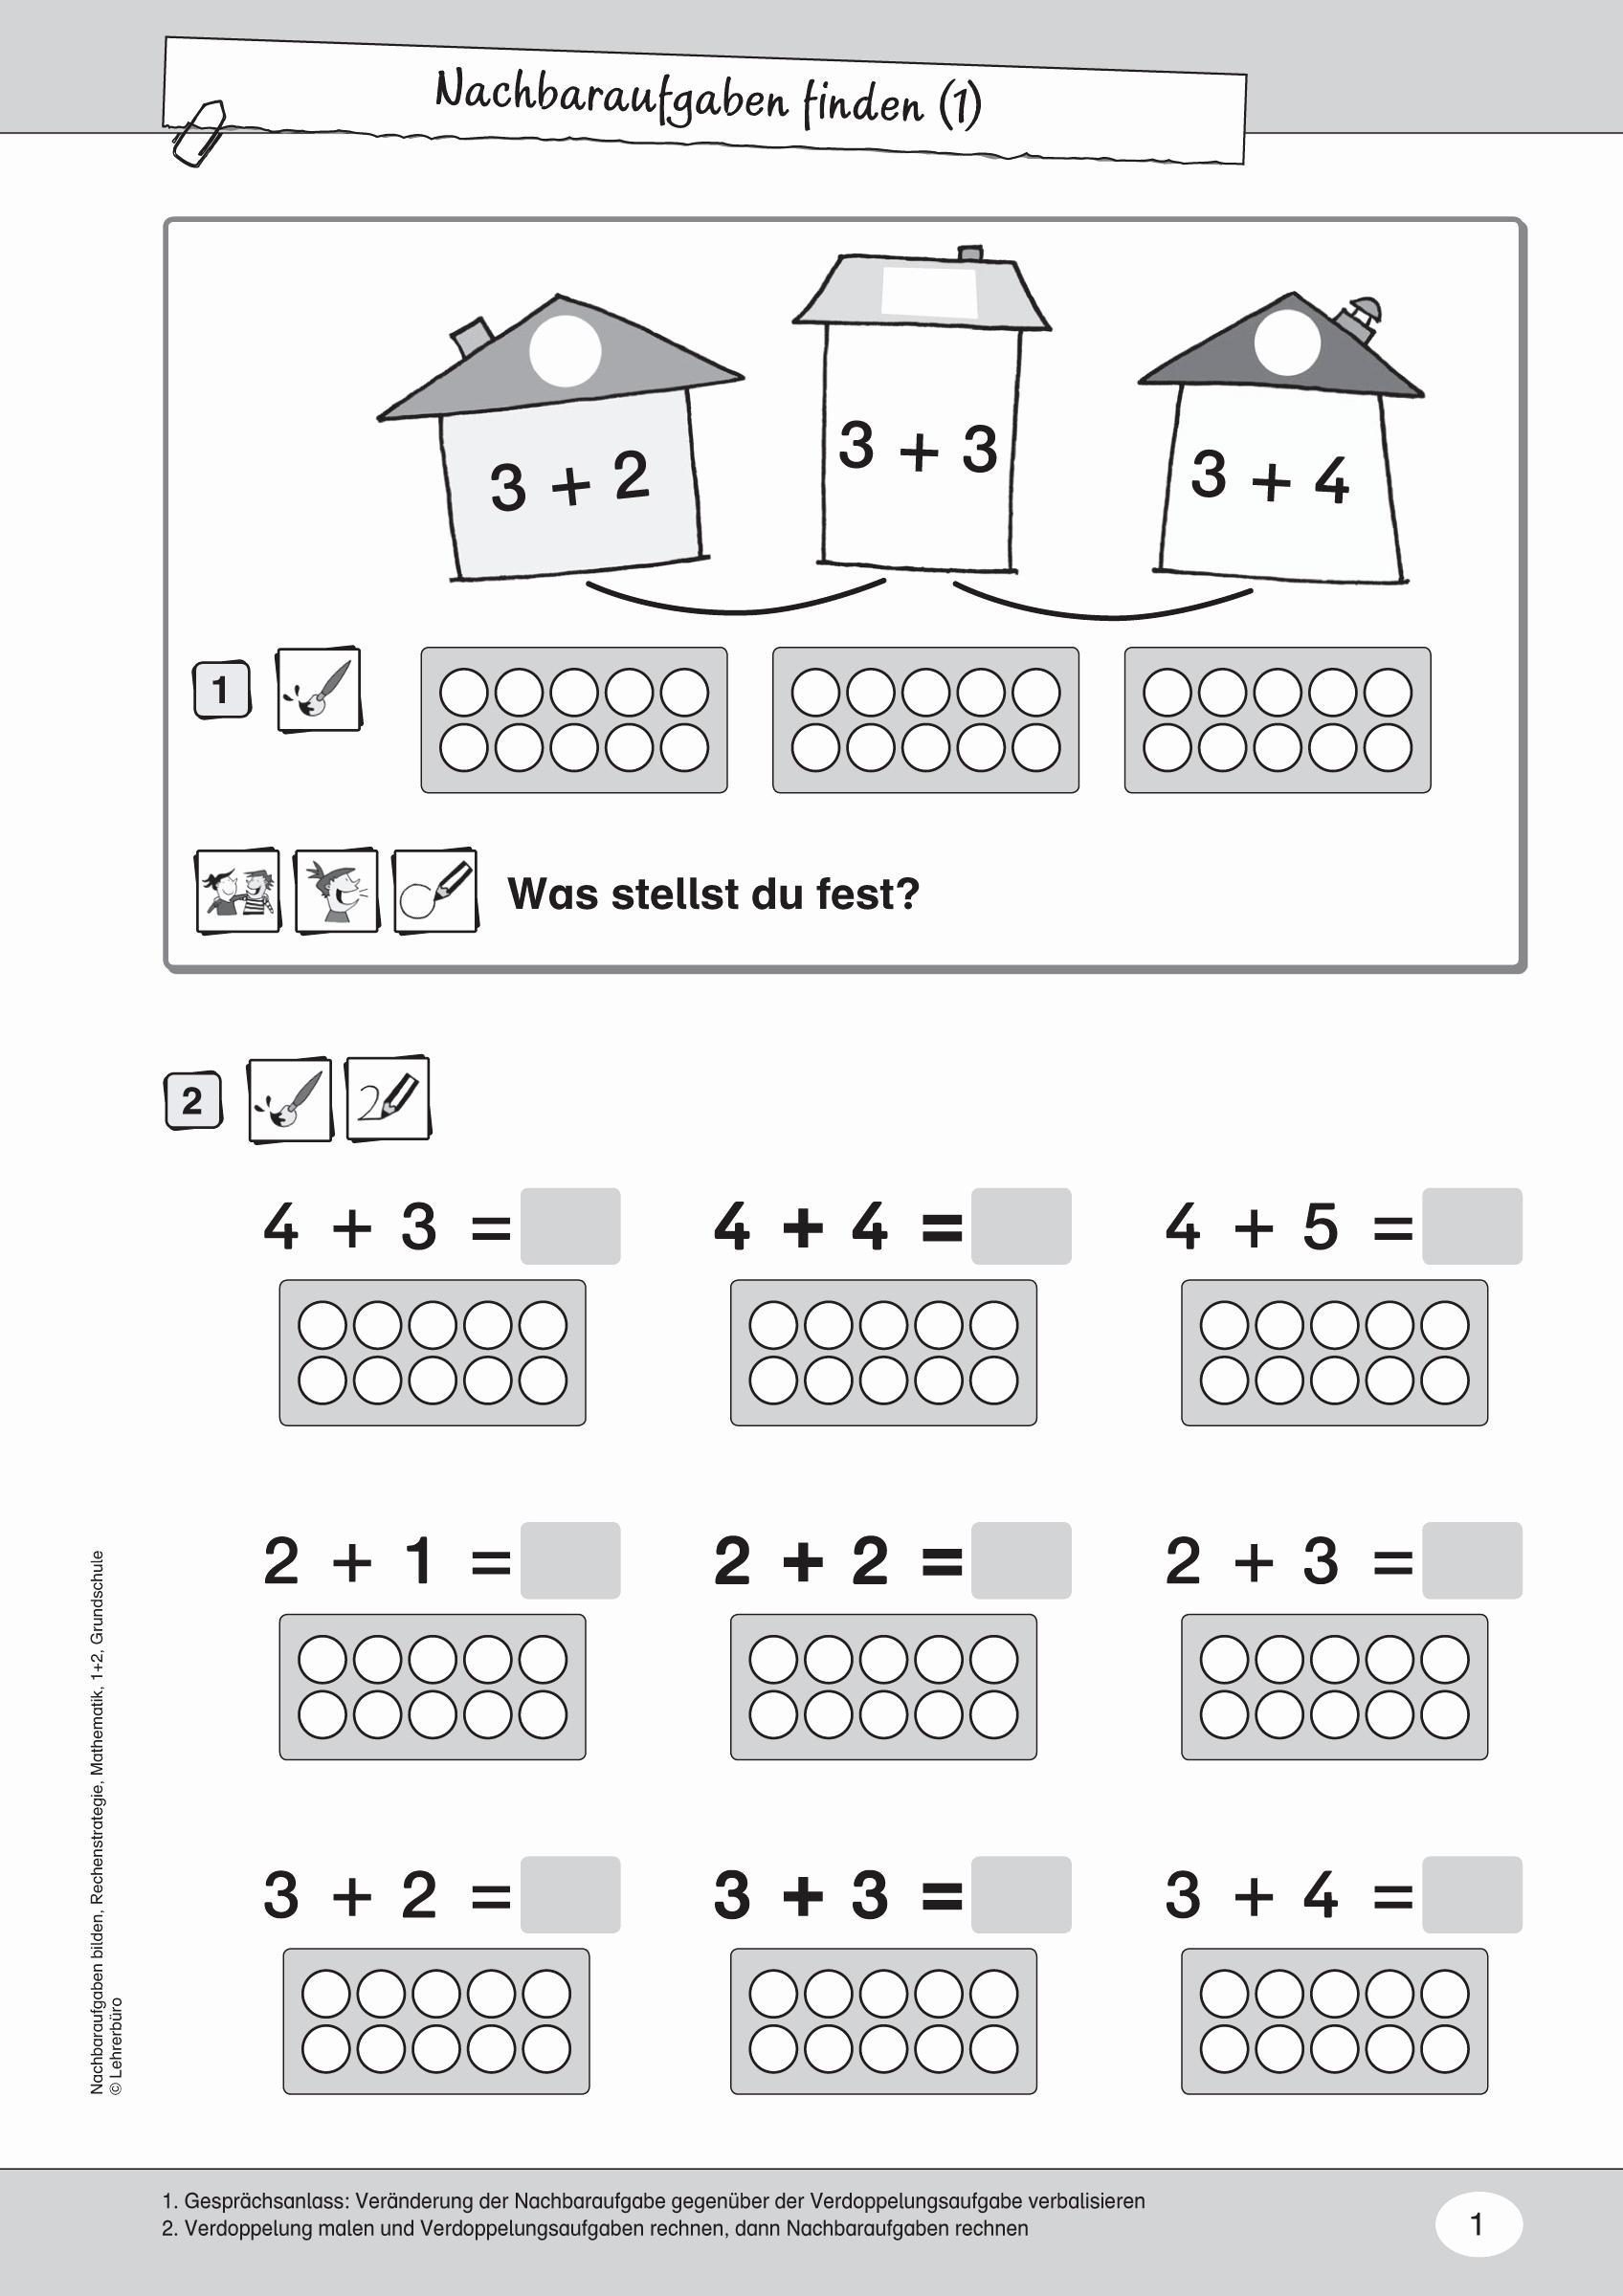 Rechenaufgaben 2 Klasse Zum Ausdrucken Kostenlos Luxus bestimmt für Vorschule Arbeitsblätter Zum Ausdrucken